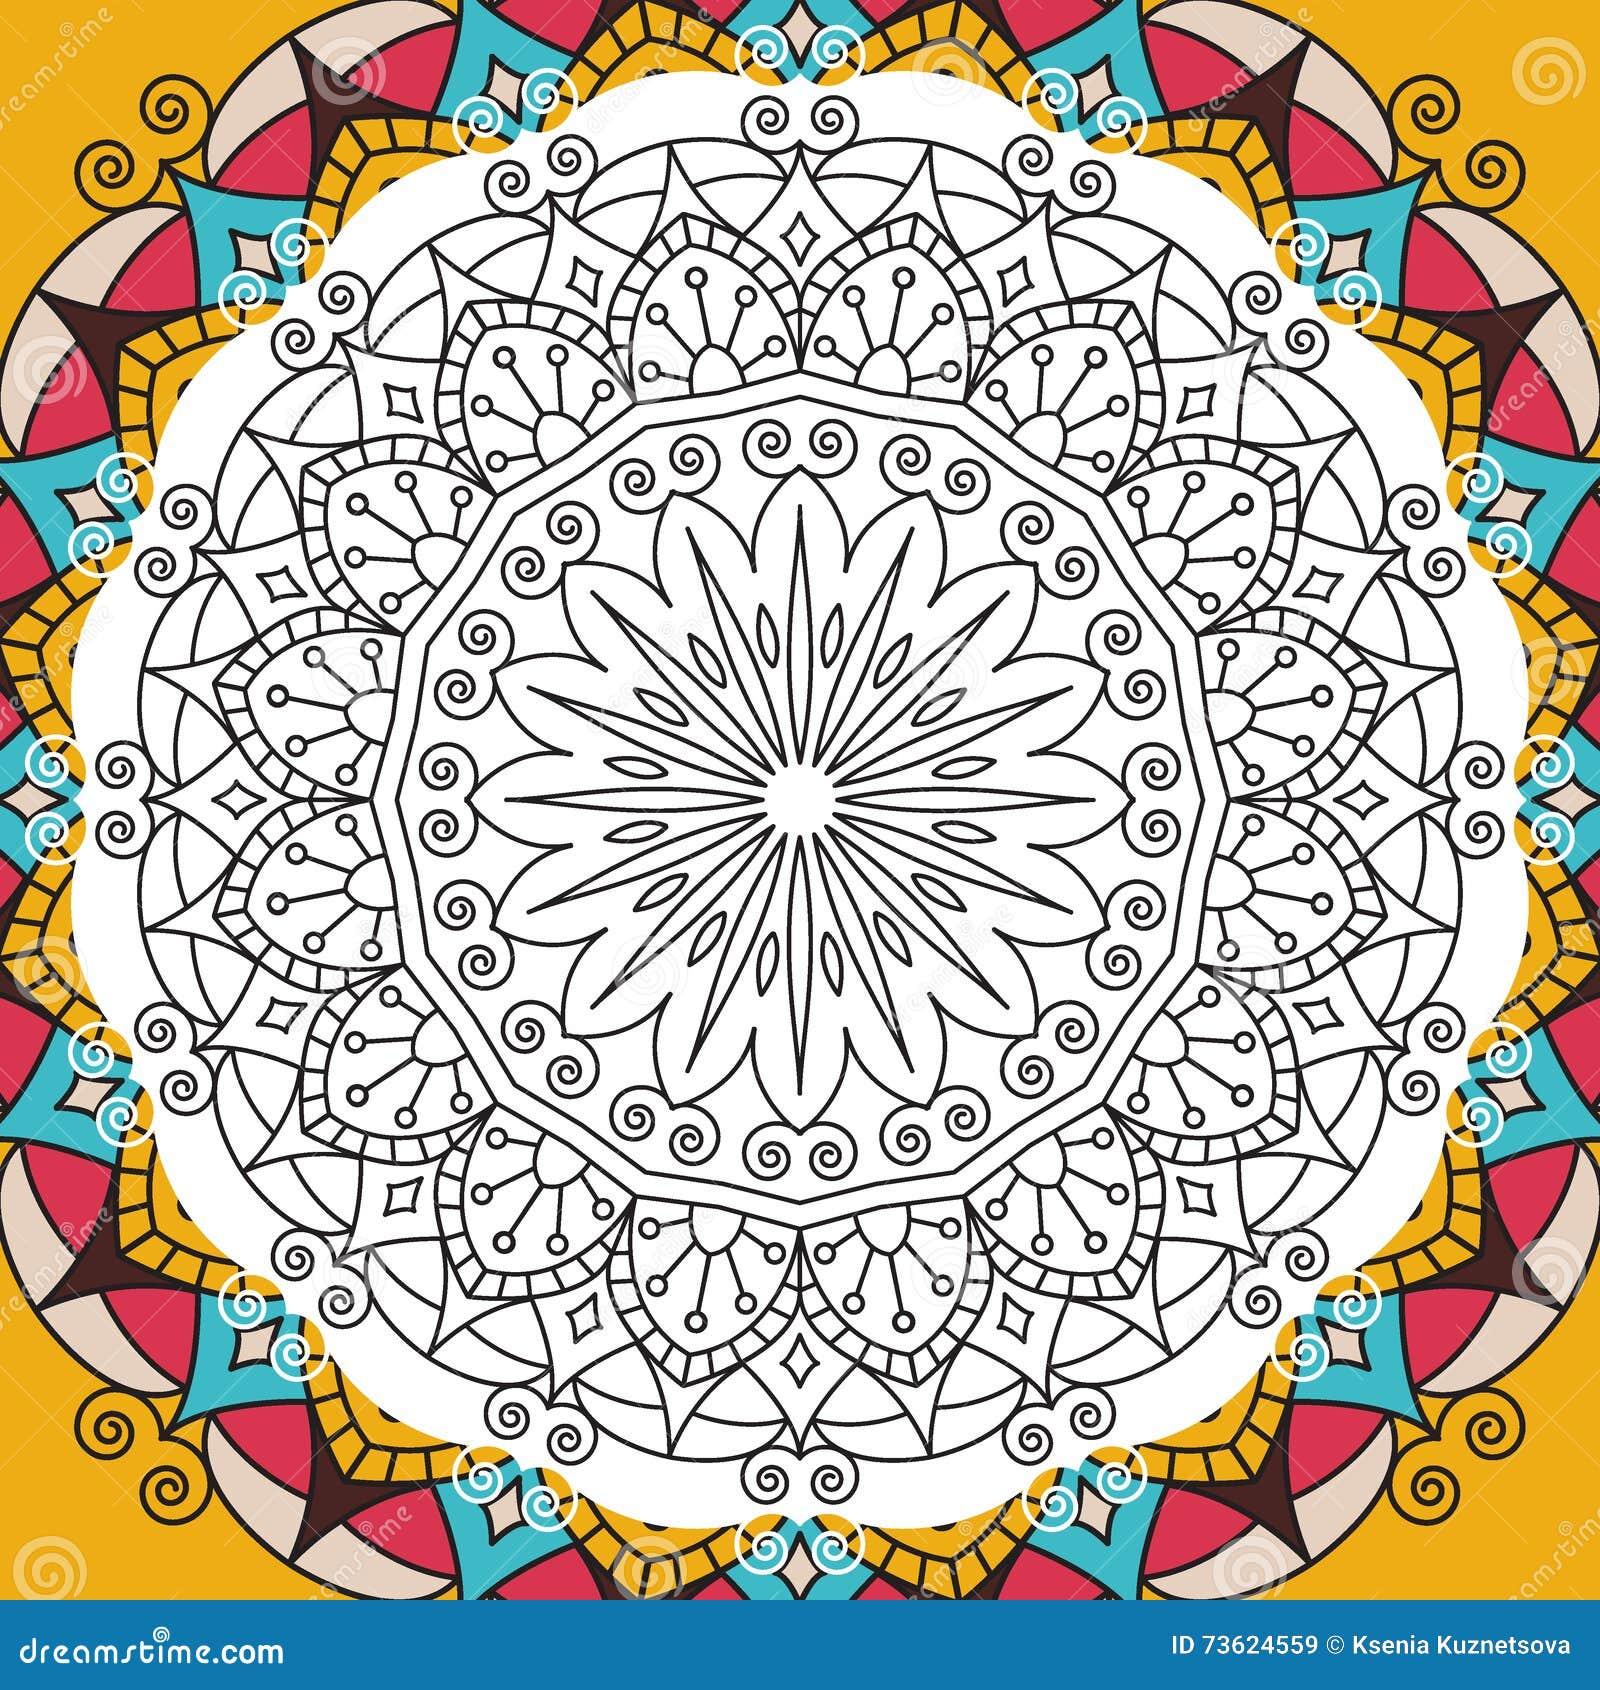 la page antistress imprimable de livre de coloriage pour des adultes la conception de mandala - Livre De Coloriage Anti Stress